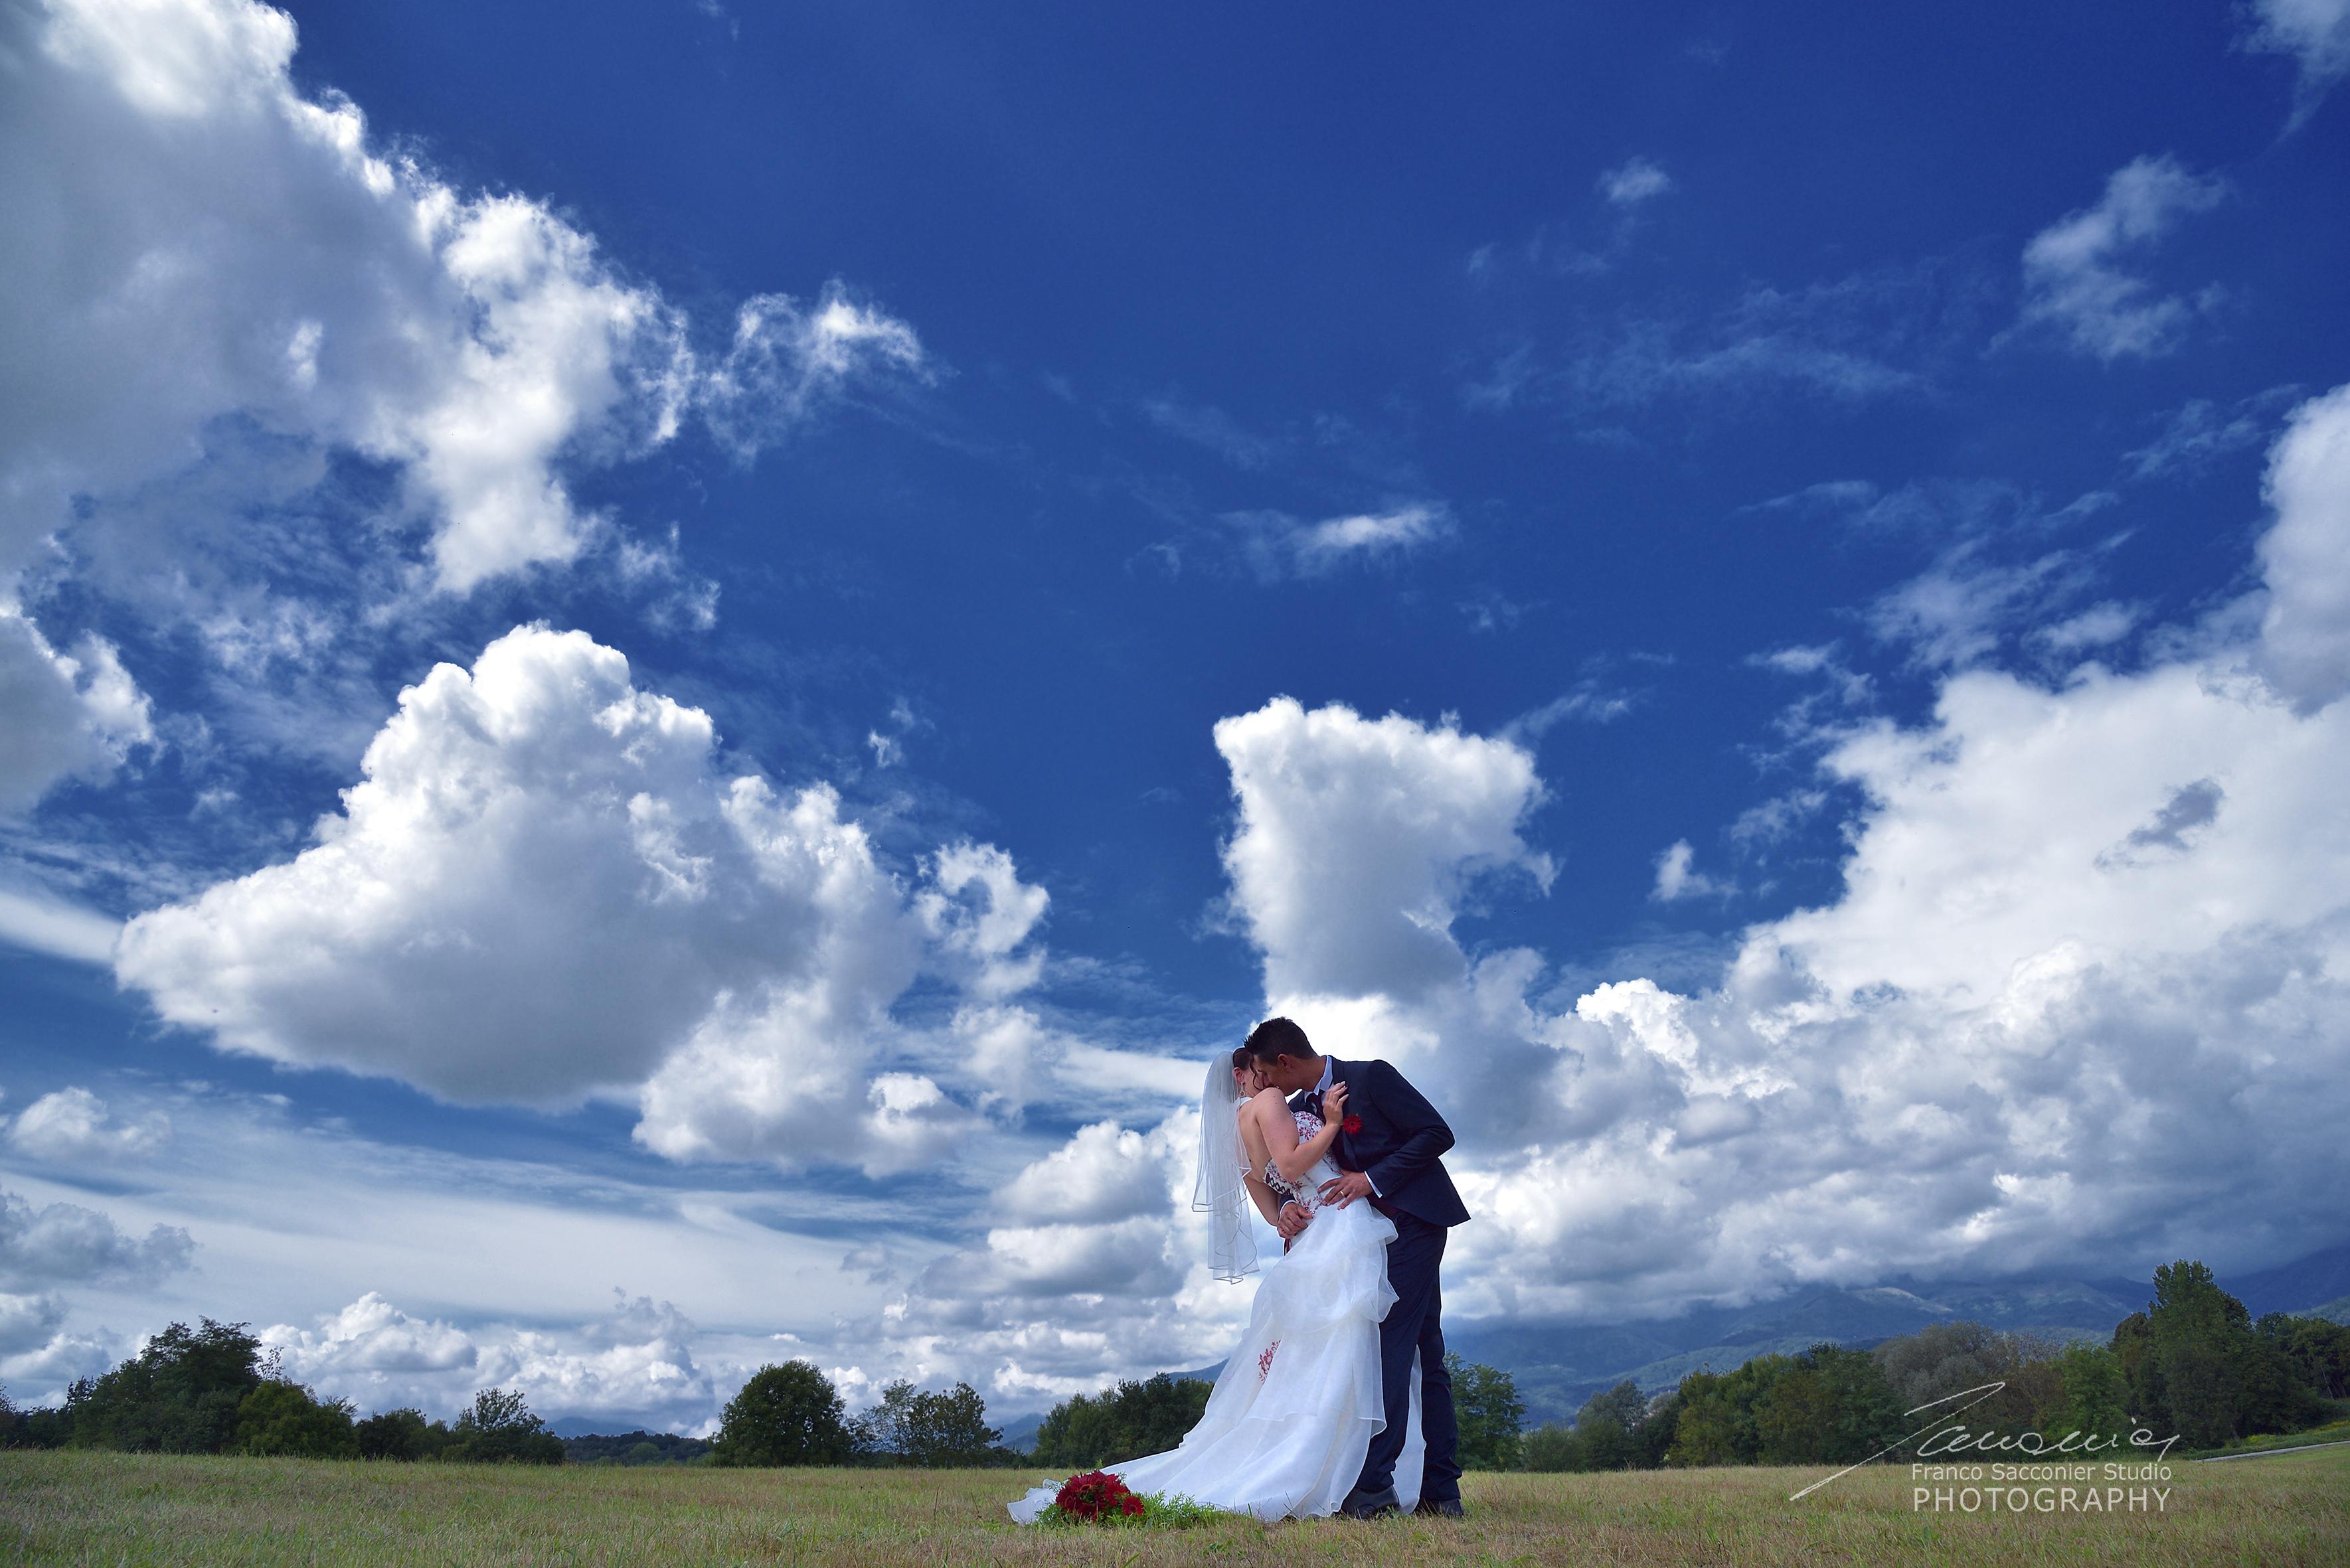 Quanto tempo di incontri prima di parlare di matrimonio